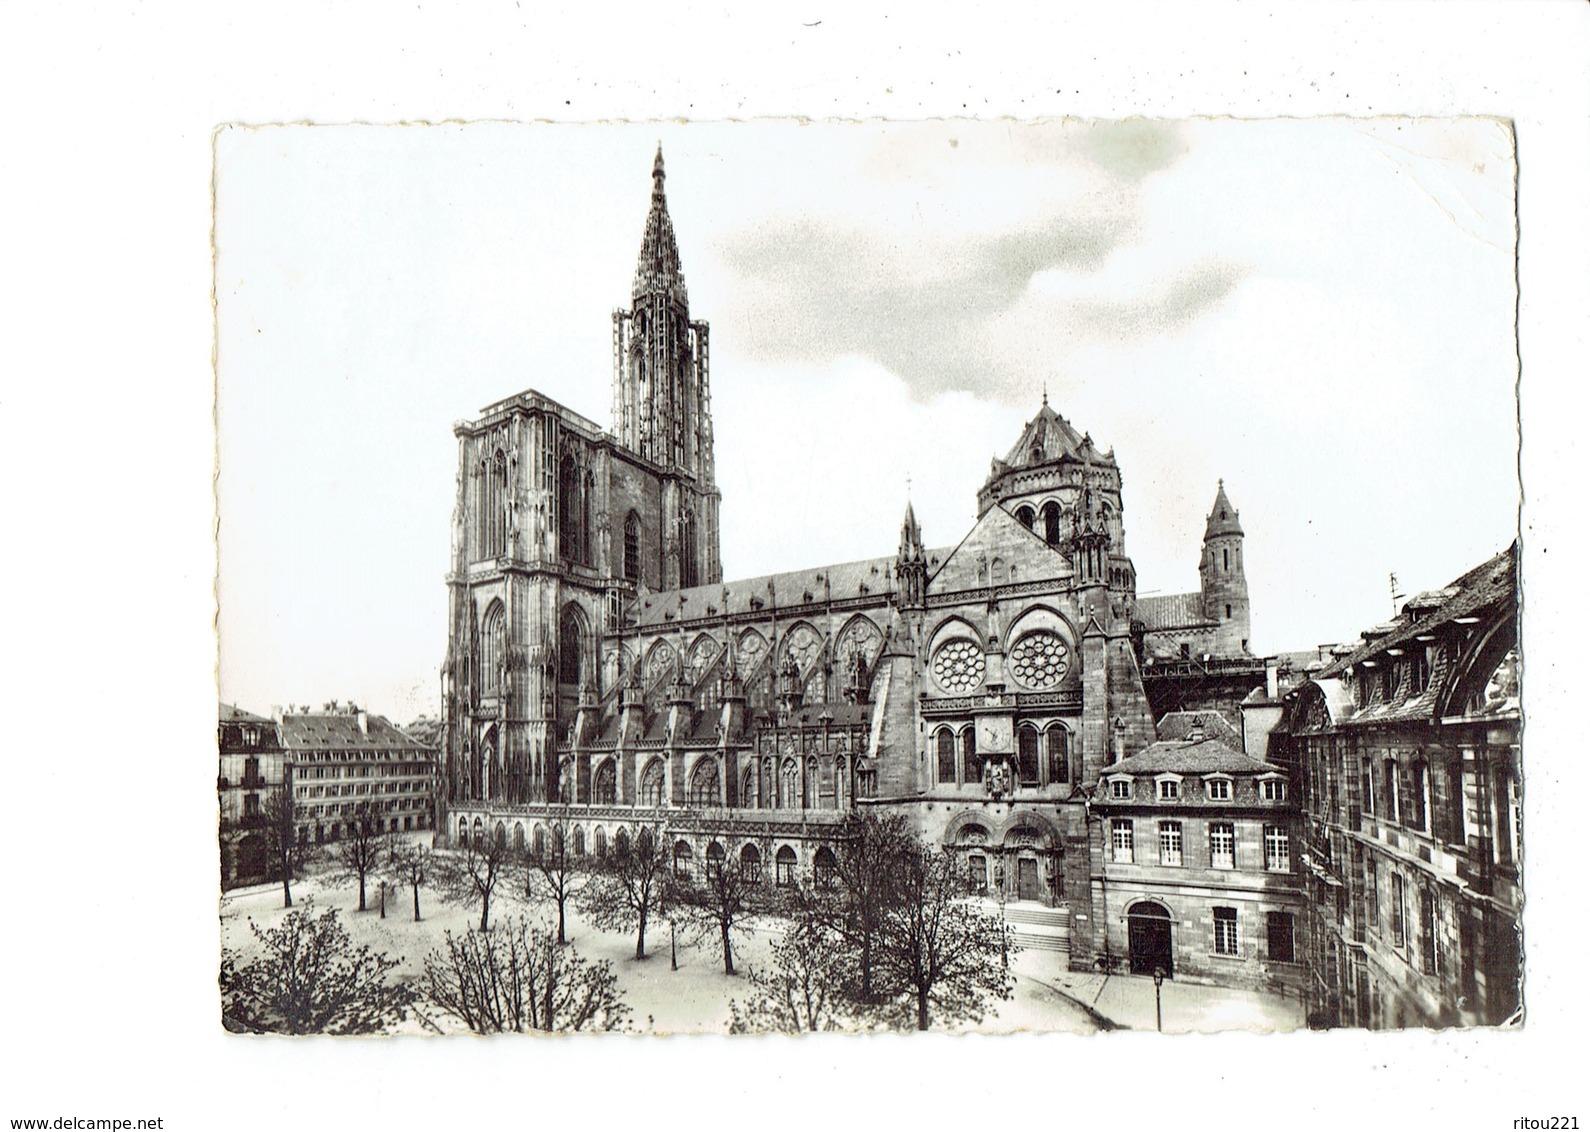 Cpm - 67 - Strasbourg - Cathédrale Travaux échafaudage échelle - Coté Sud - N°755 Edit X. Lechner - 1964 - Strasbourg